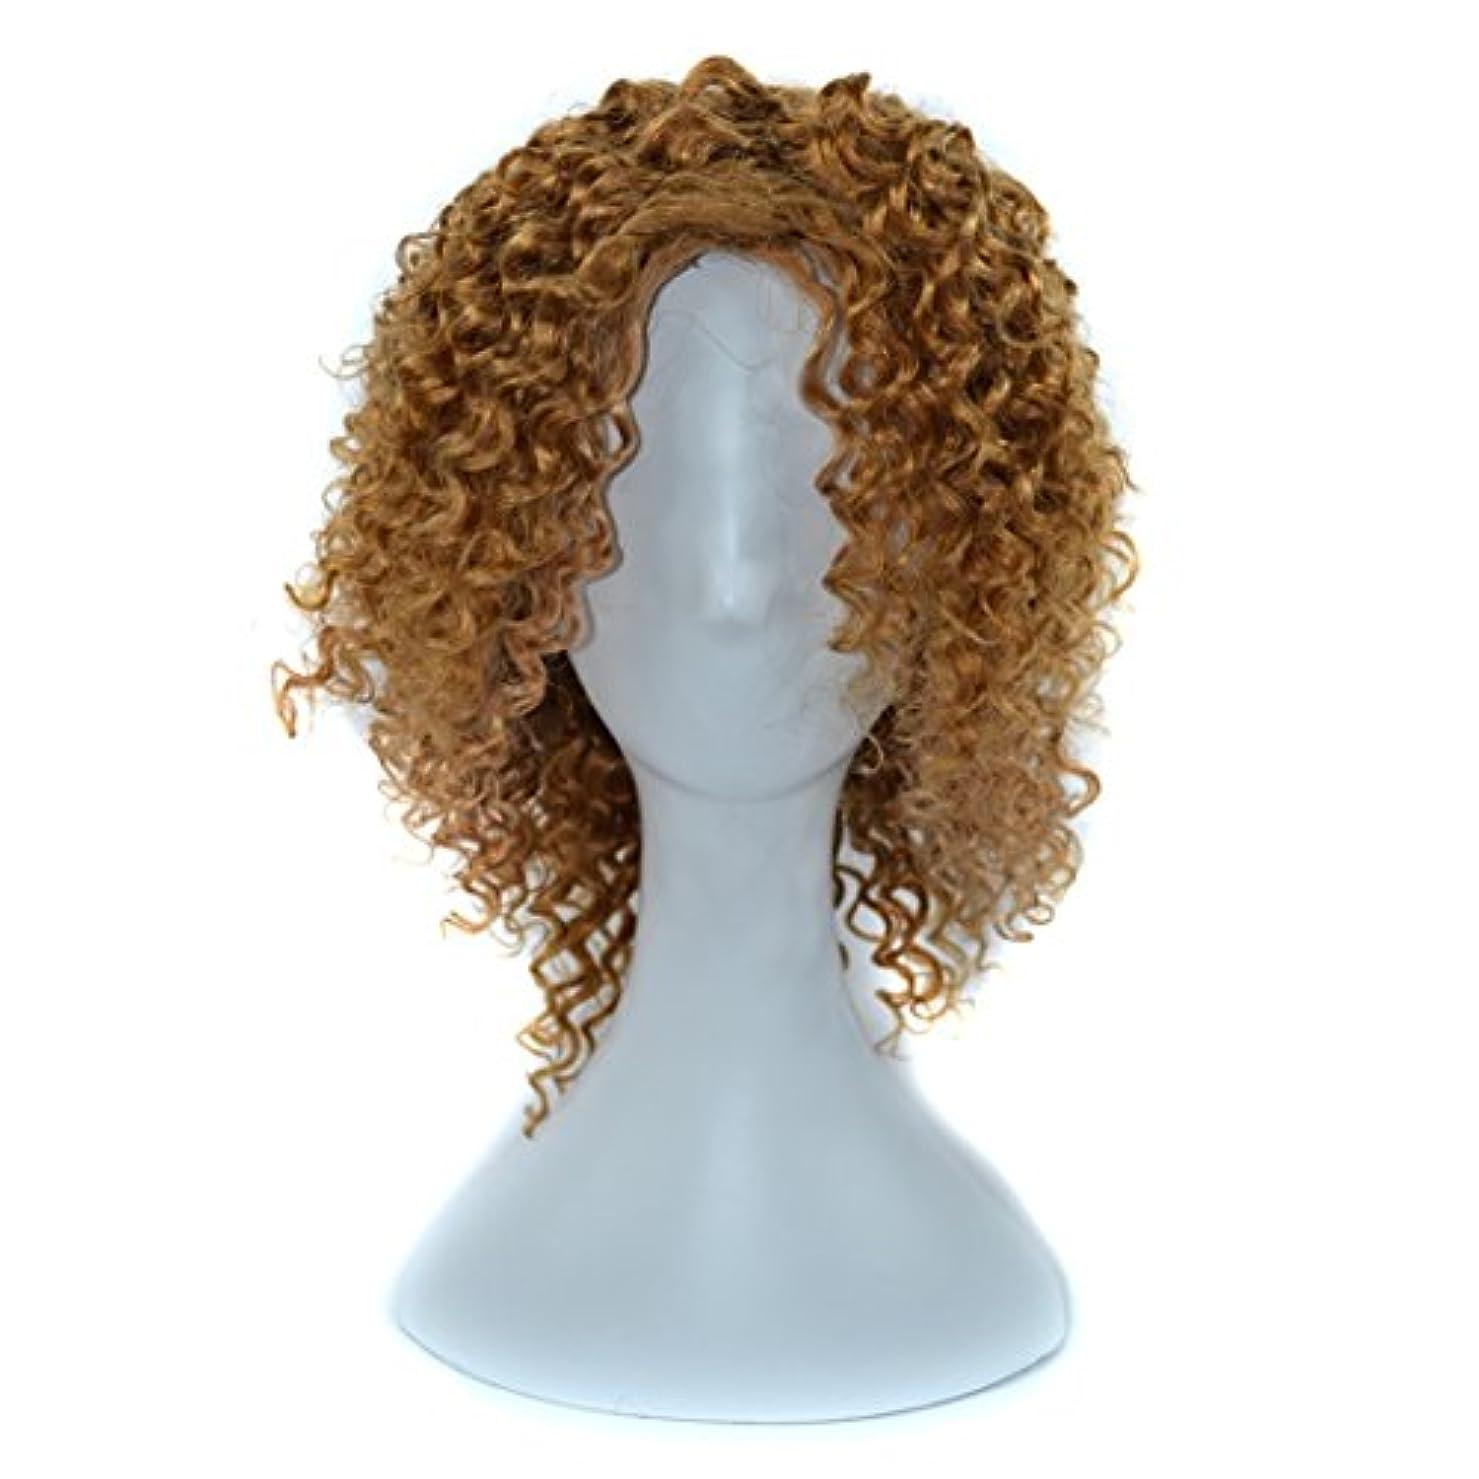 グローバルチャンスマガジンYOUQIU 傾斜前髪髪を持つ女性黒浮き、赤やライトブラウンディープカールウィッグはウィッグセットのウィッグを染めすることができないために14インチ本物の人間の髪の毛 (色 : 淡い茶色)